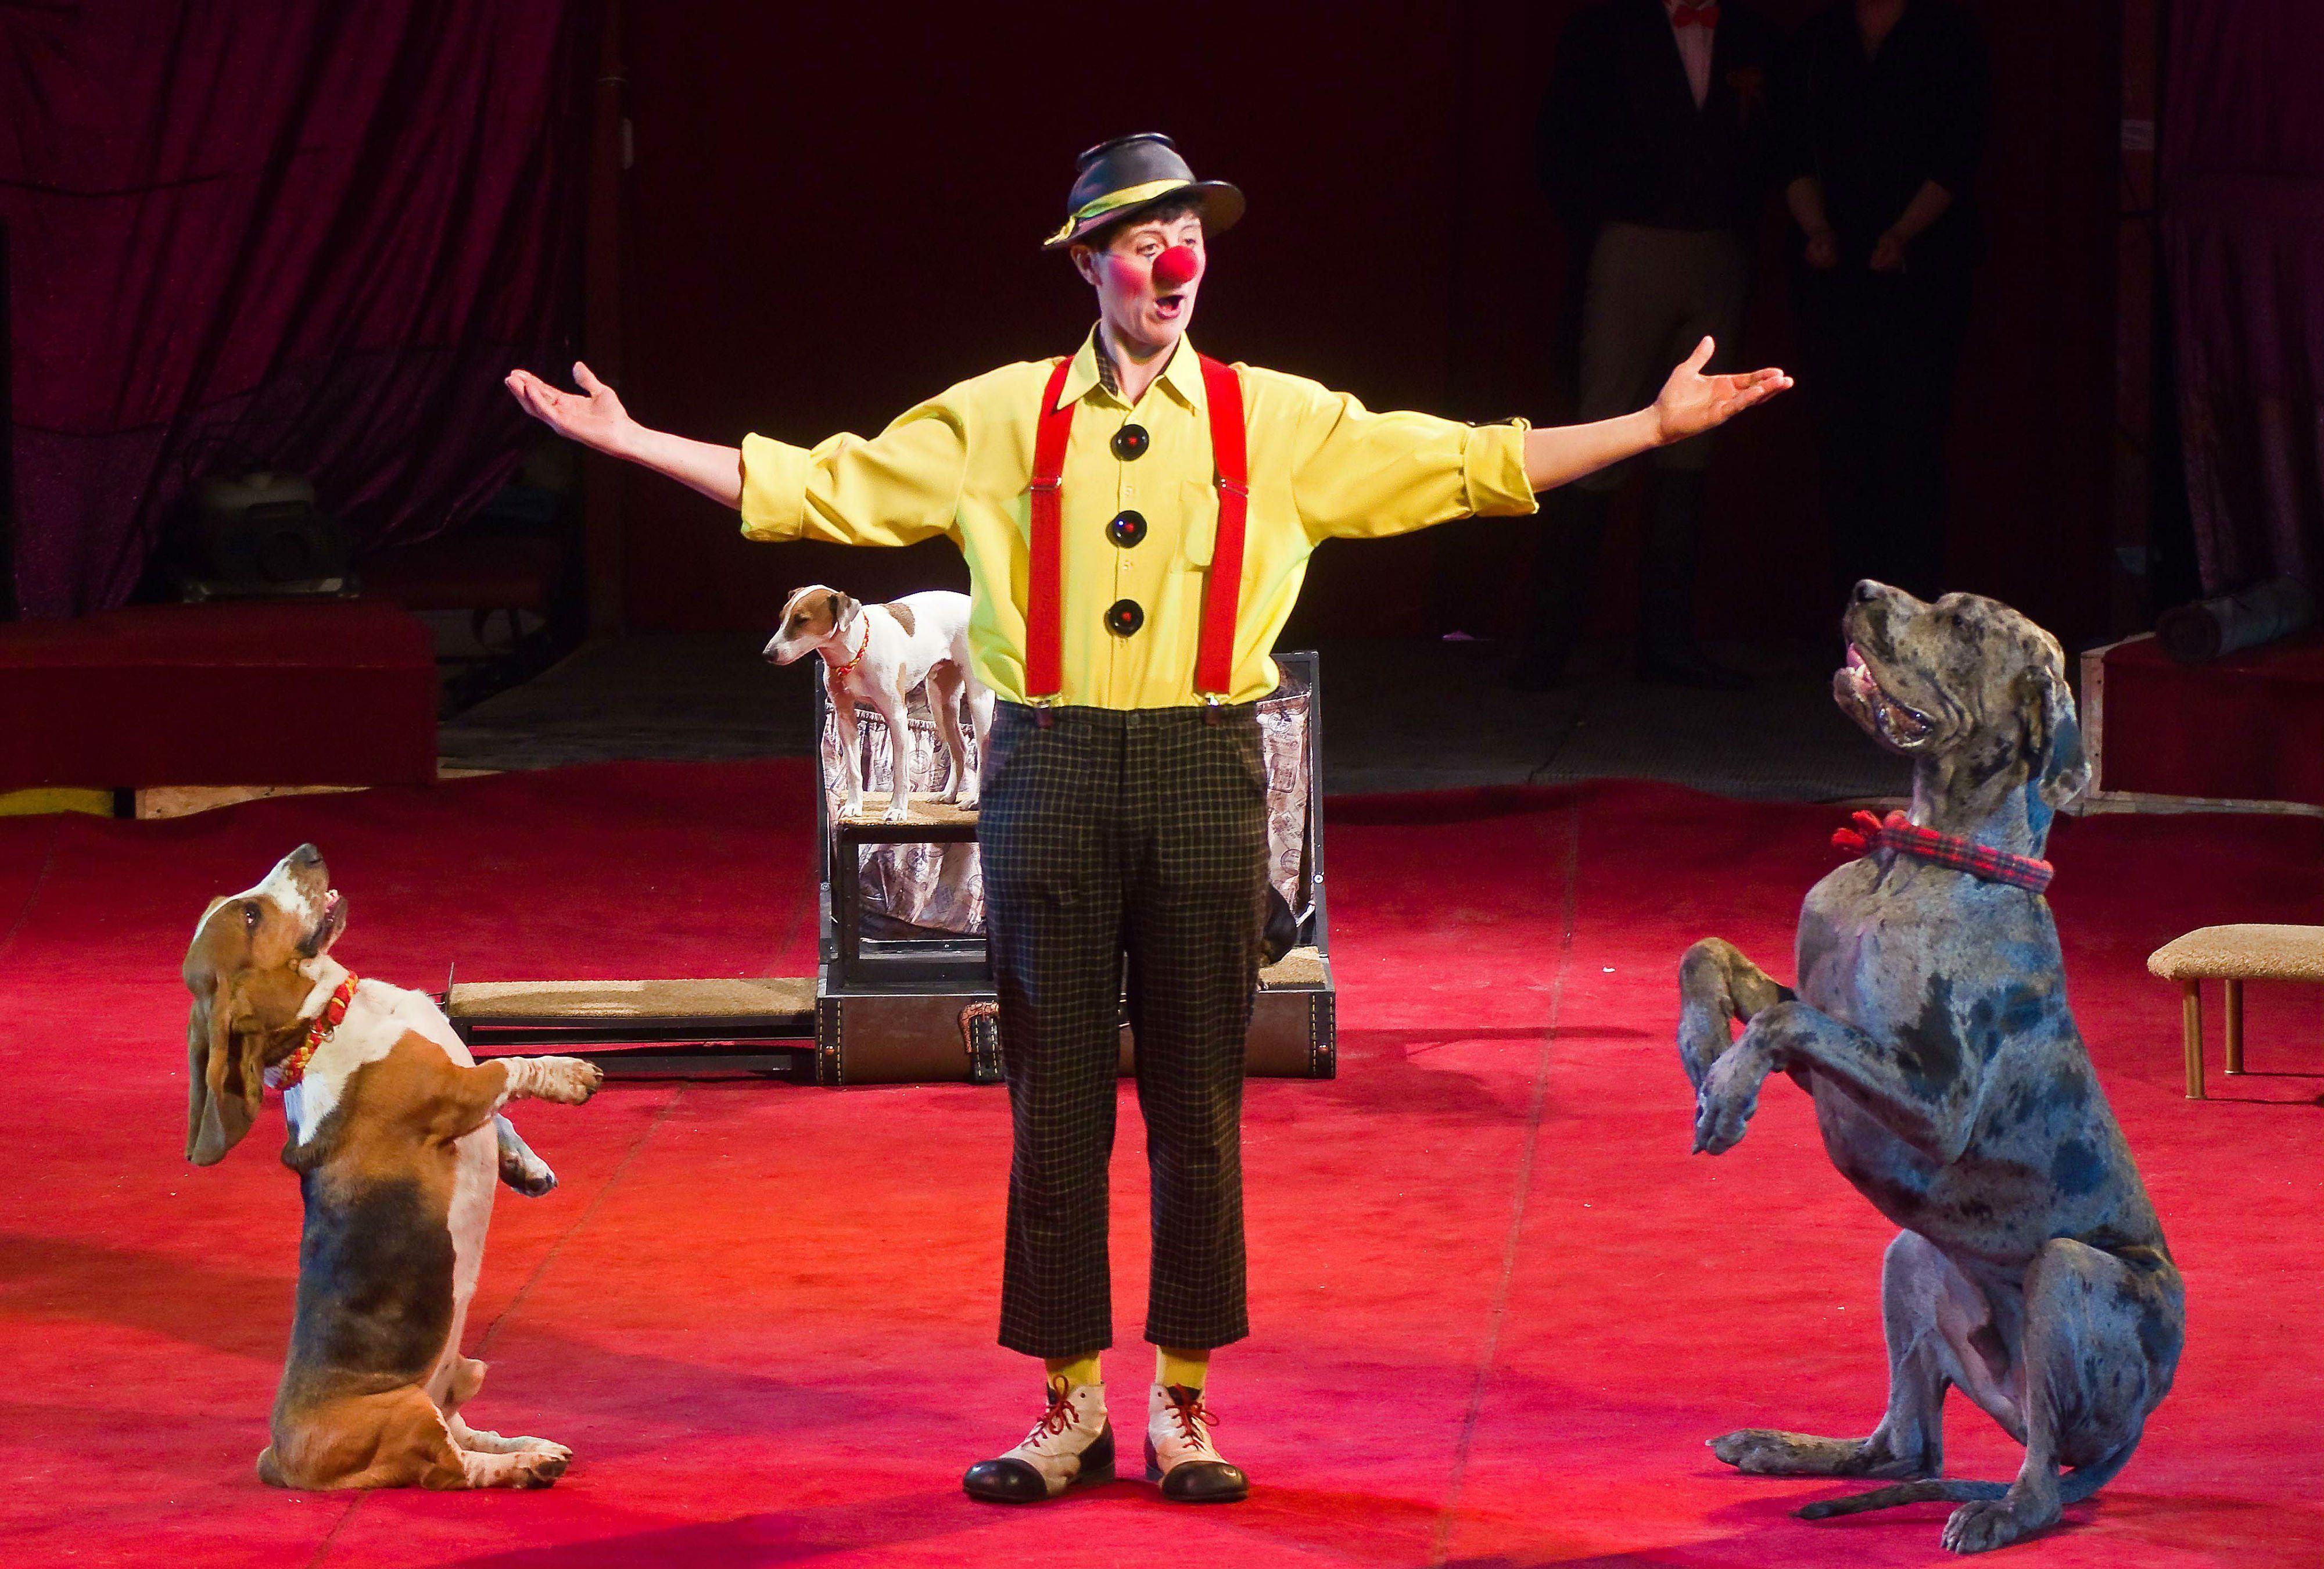 картинки артисты цирка животные стремятся разместить объявление